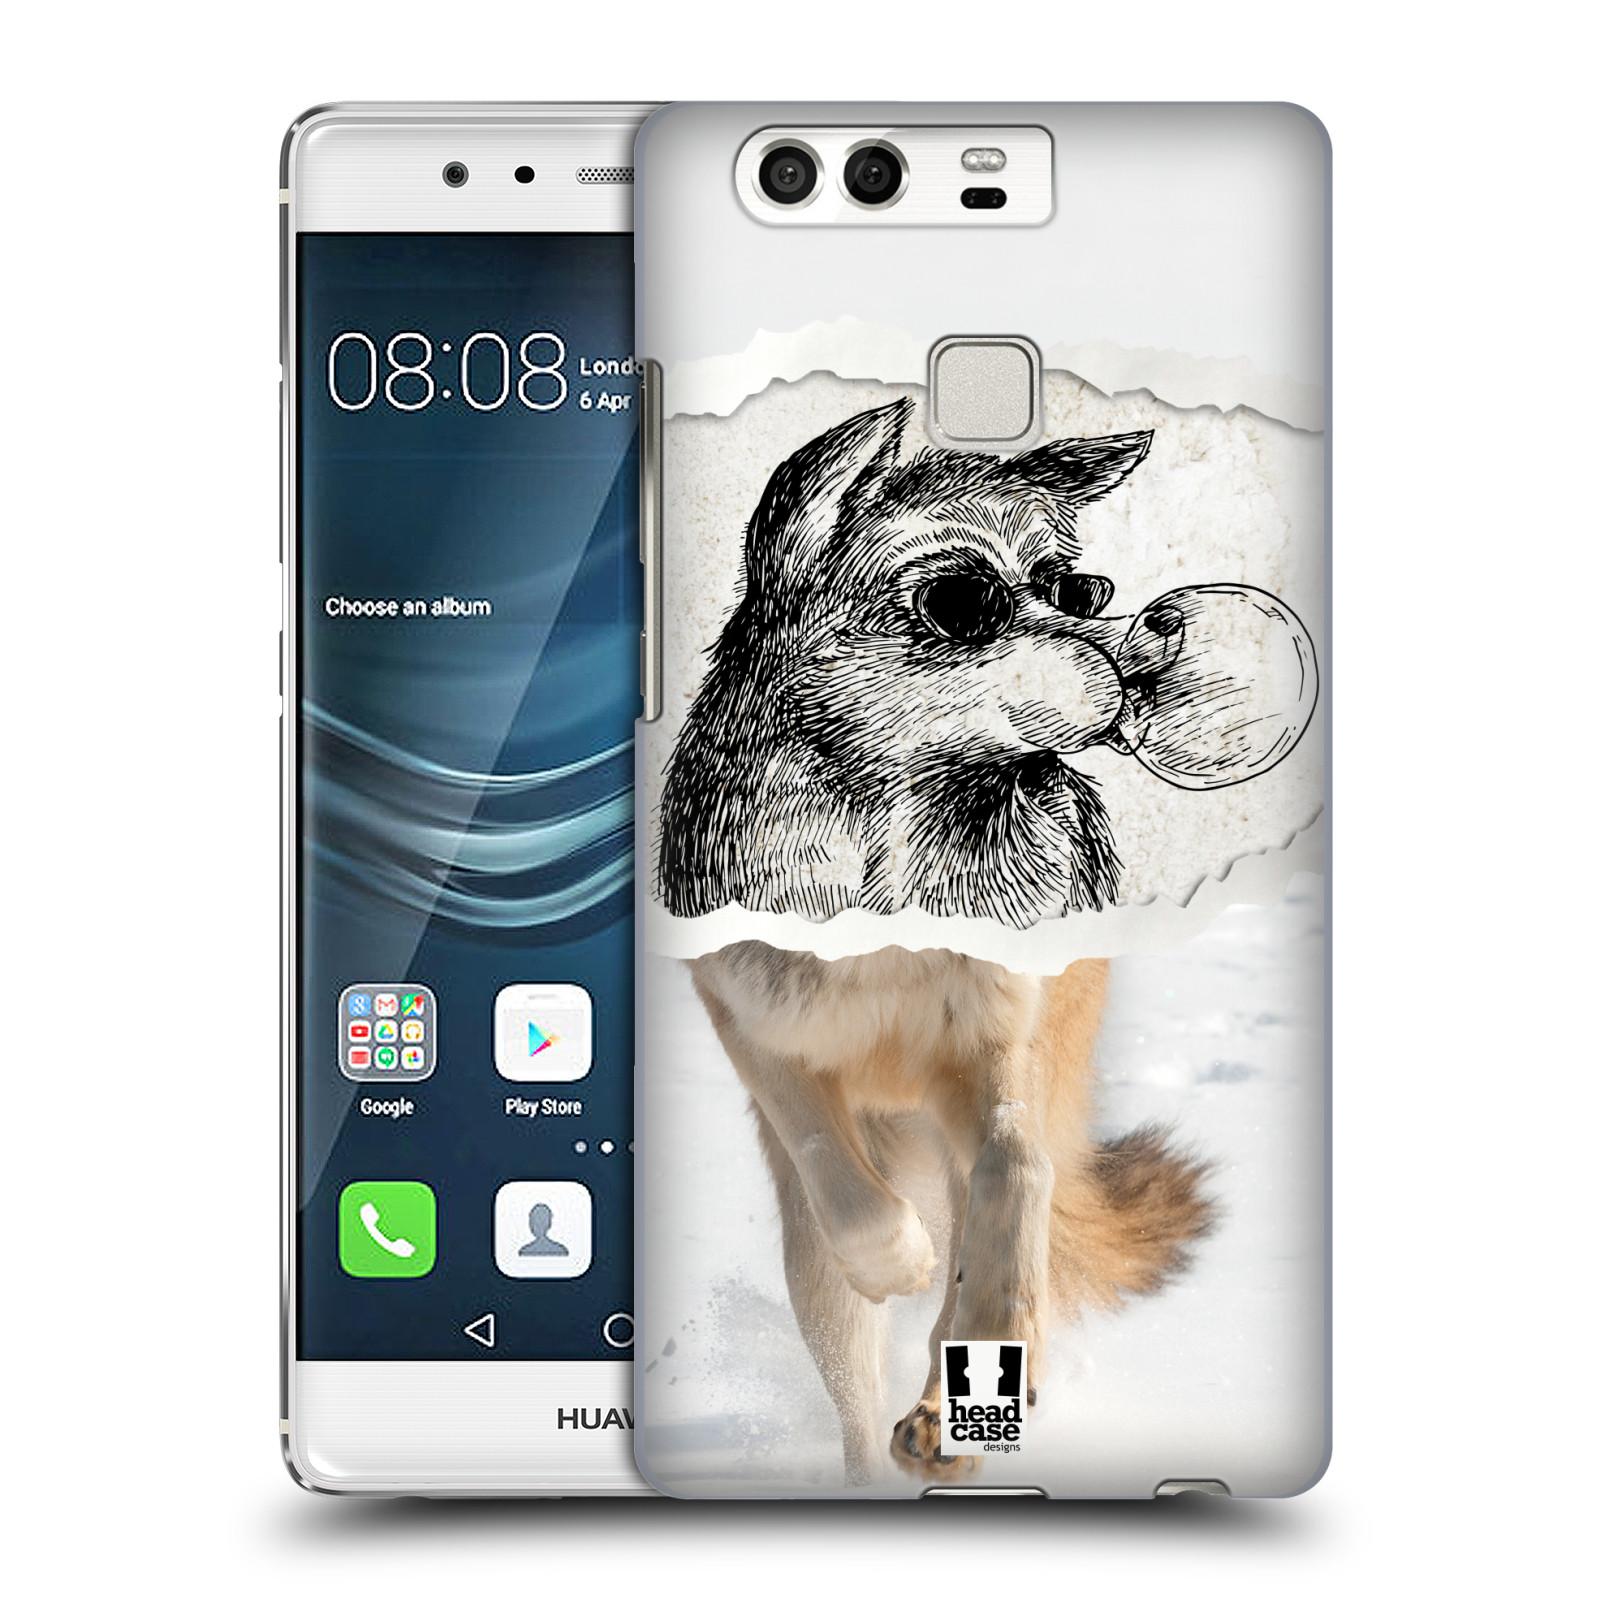 HEAD CASE plastový obal na mobil Huawei P9 / P9 DUAL SIM vzor zvířata koláž vlk pohodář